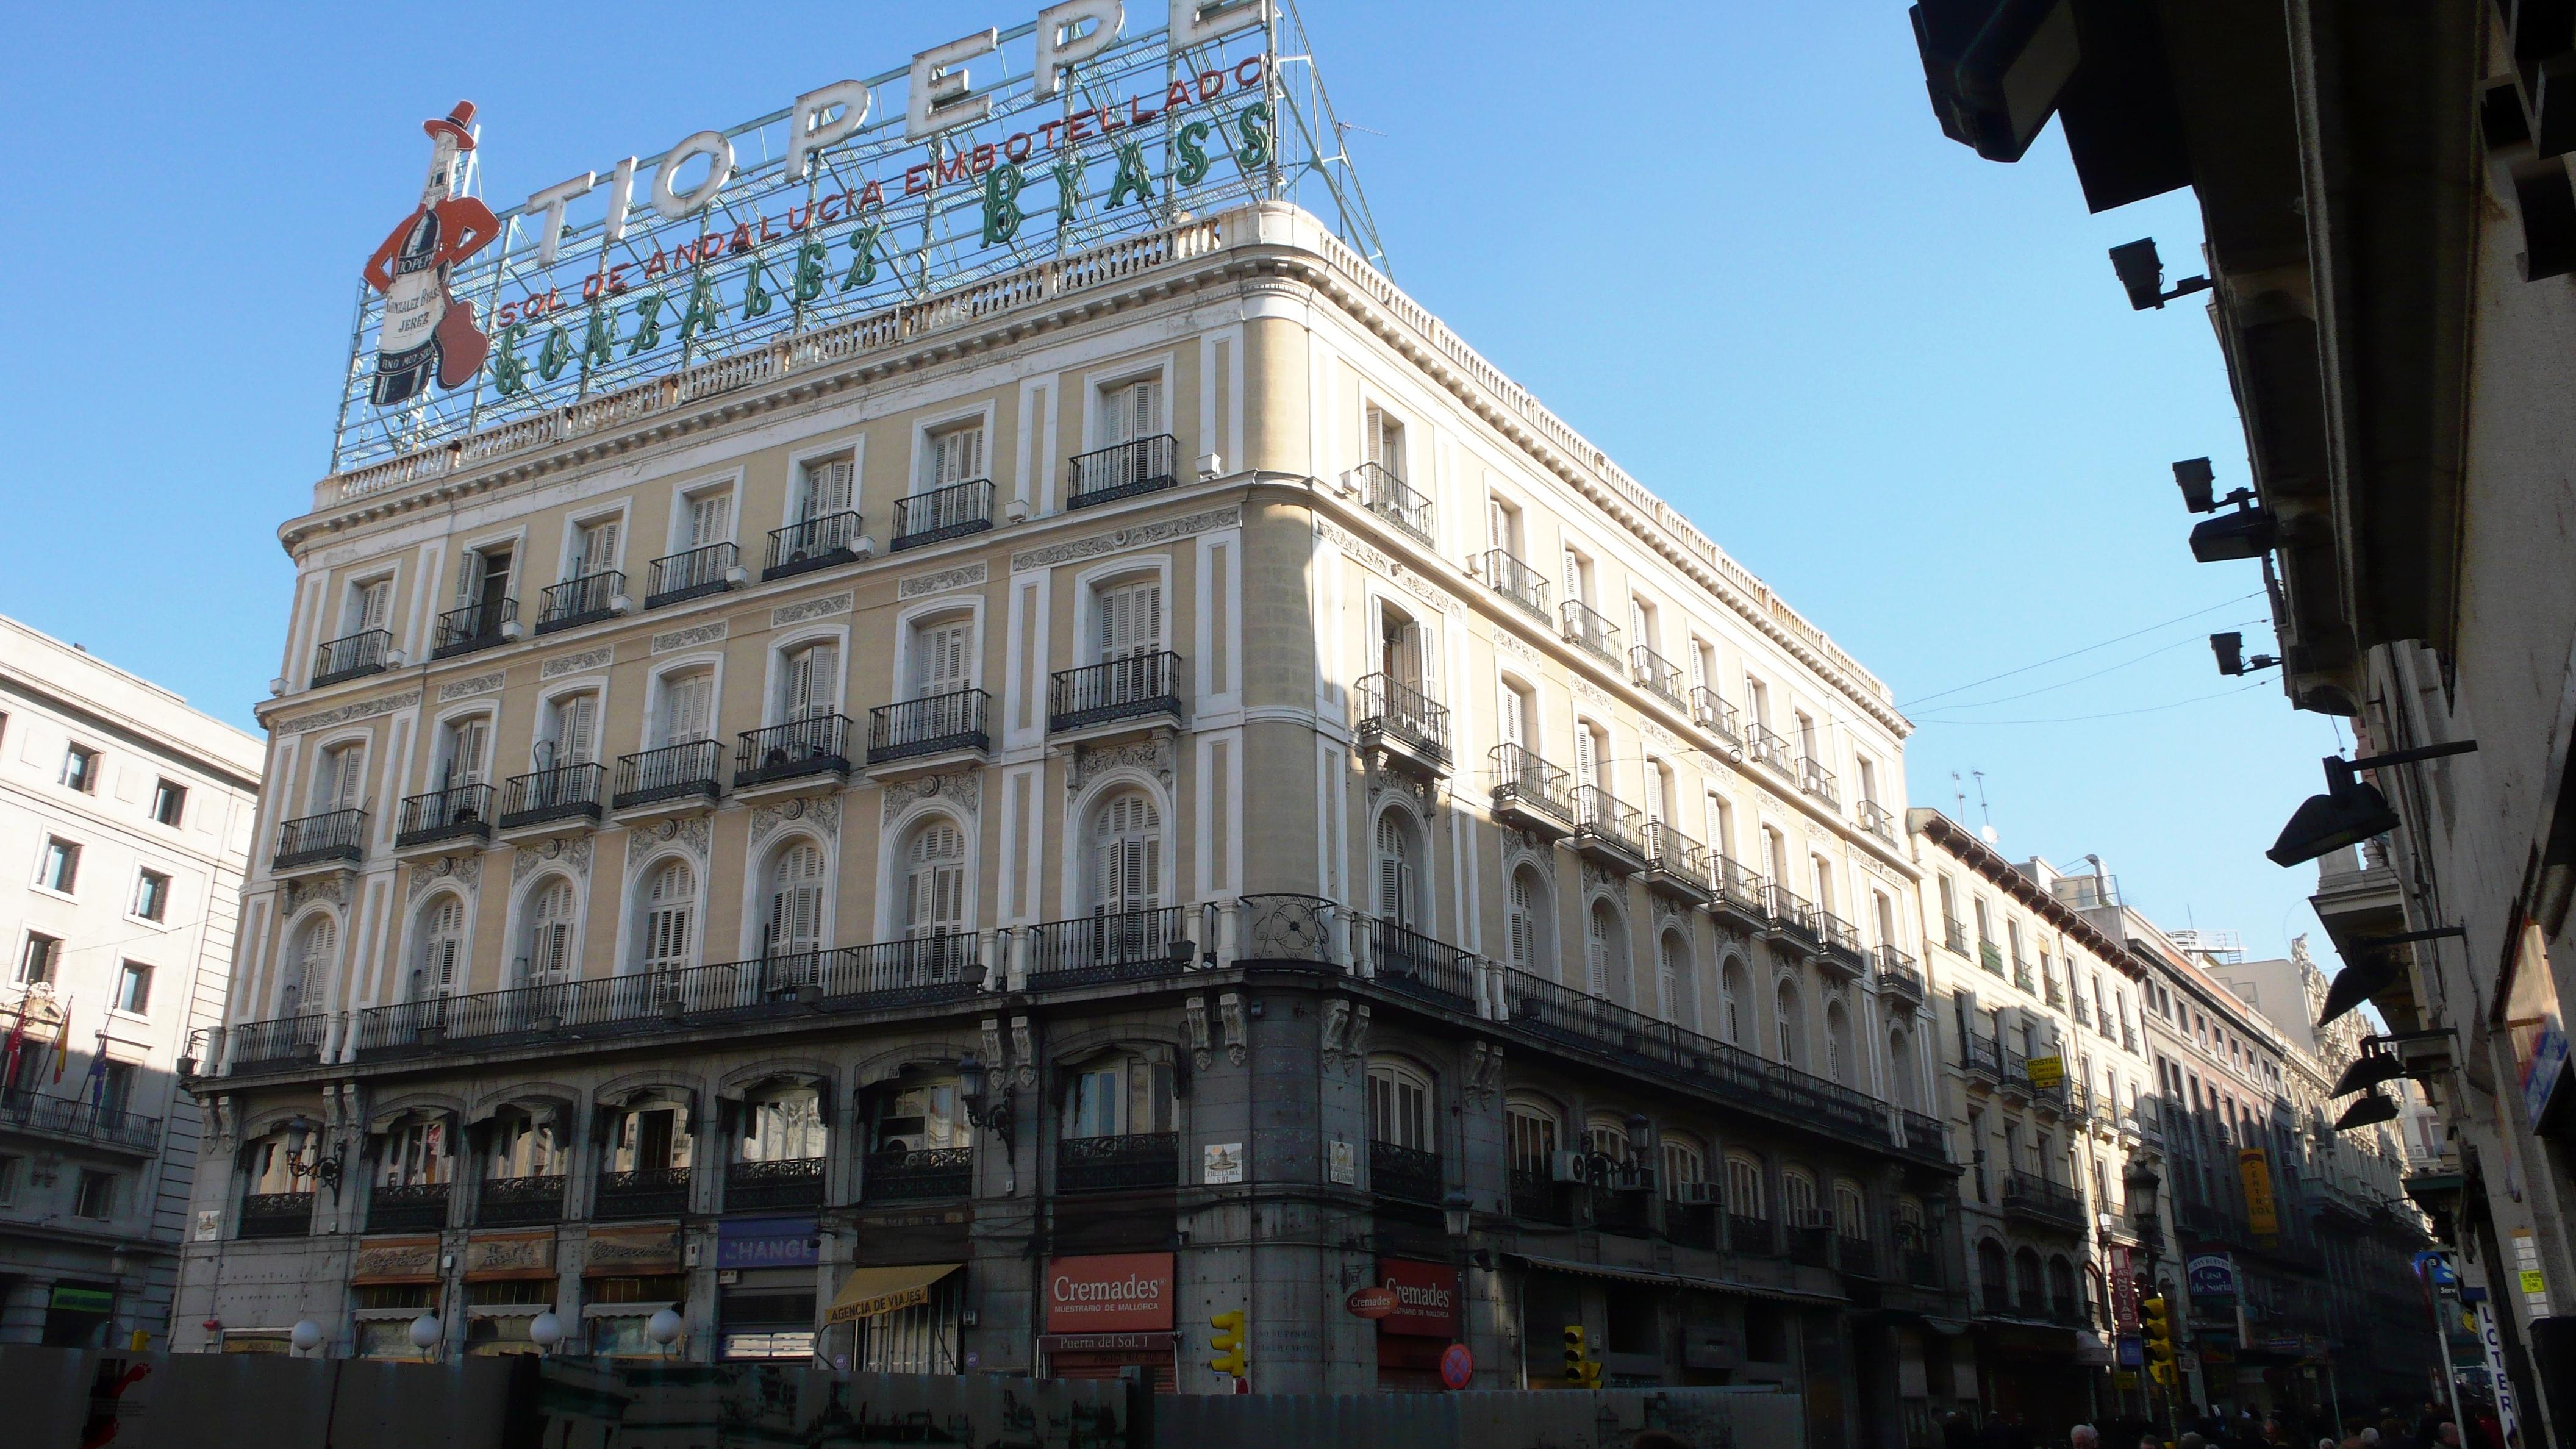 Sol recupera a t o pepe ayuntamiento de madrid for Edificio puerta real madrid